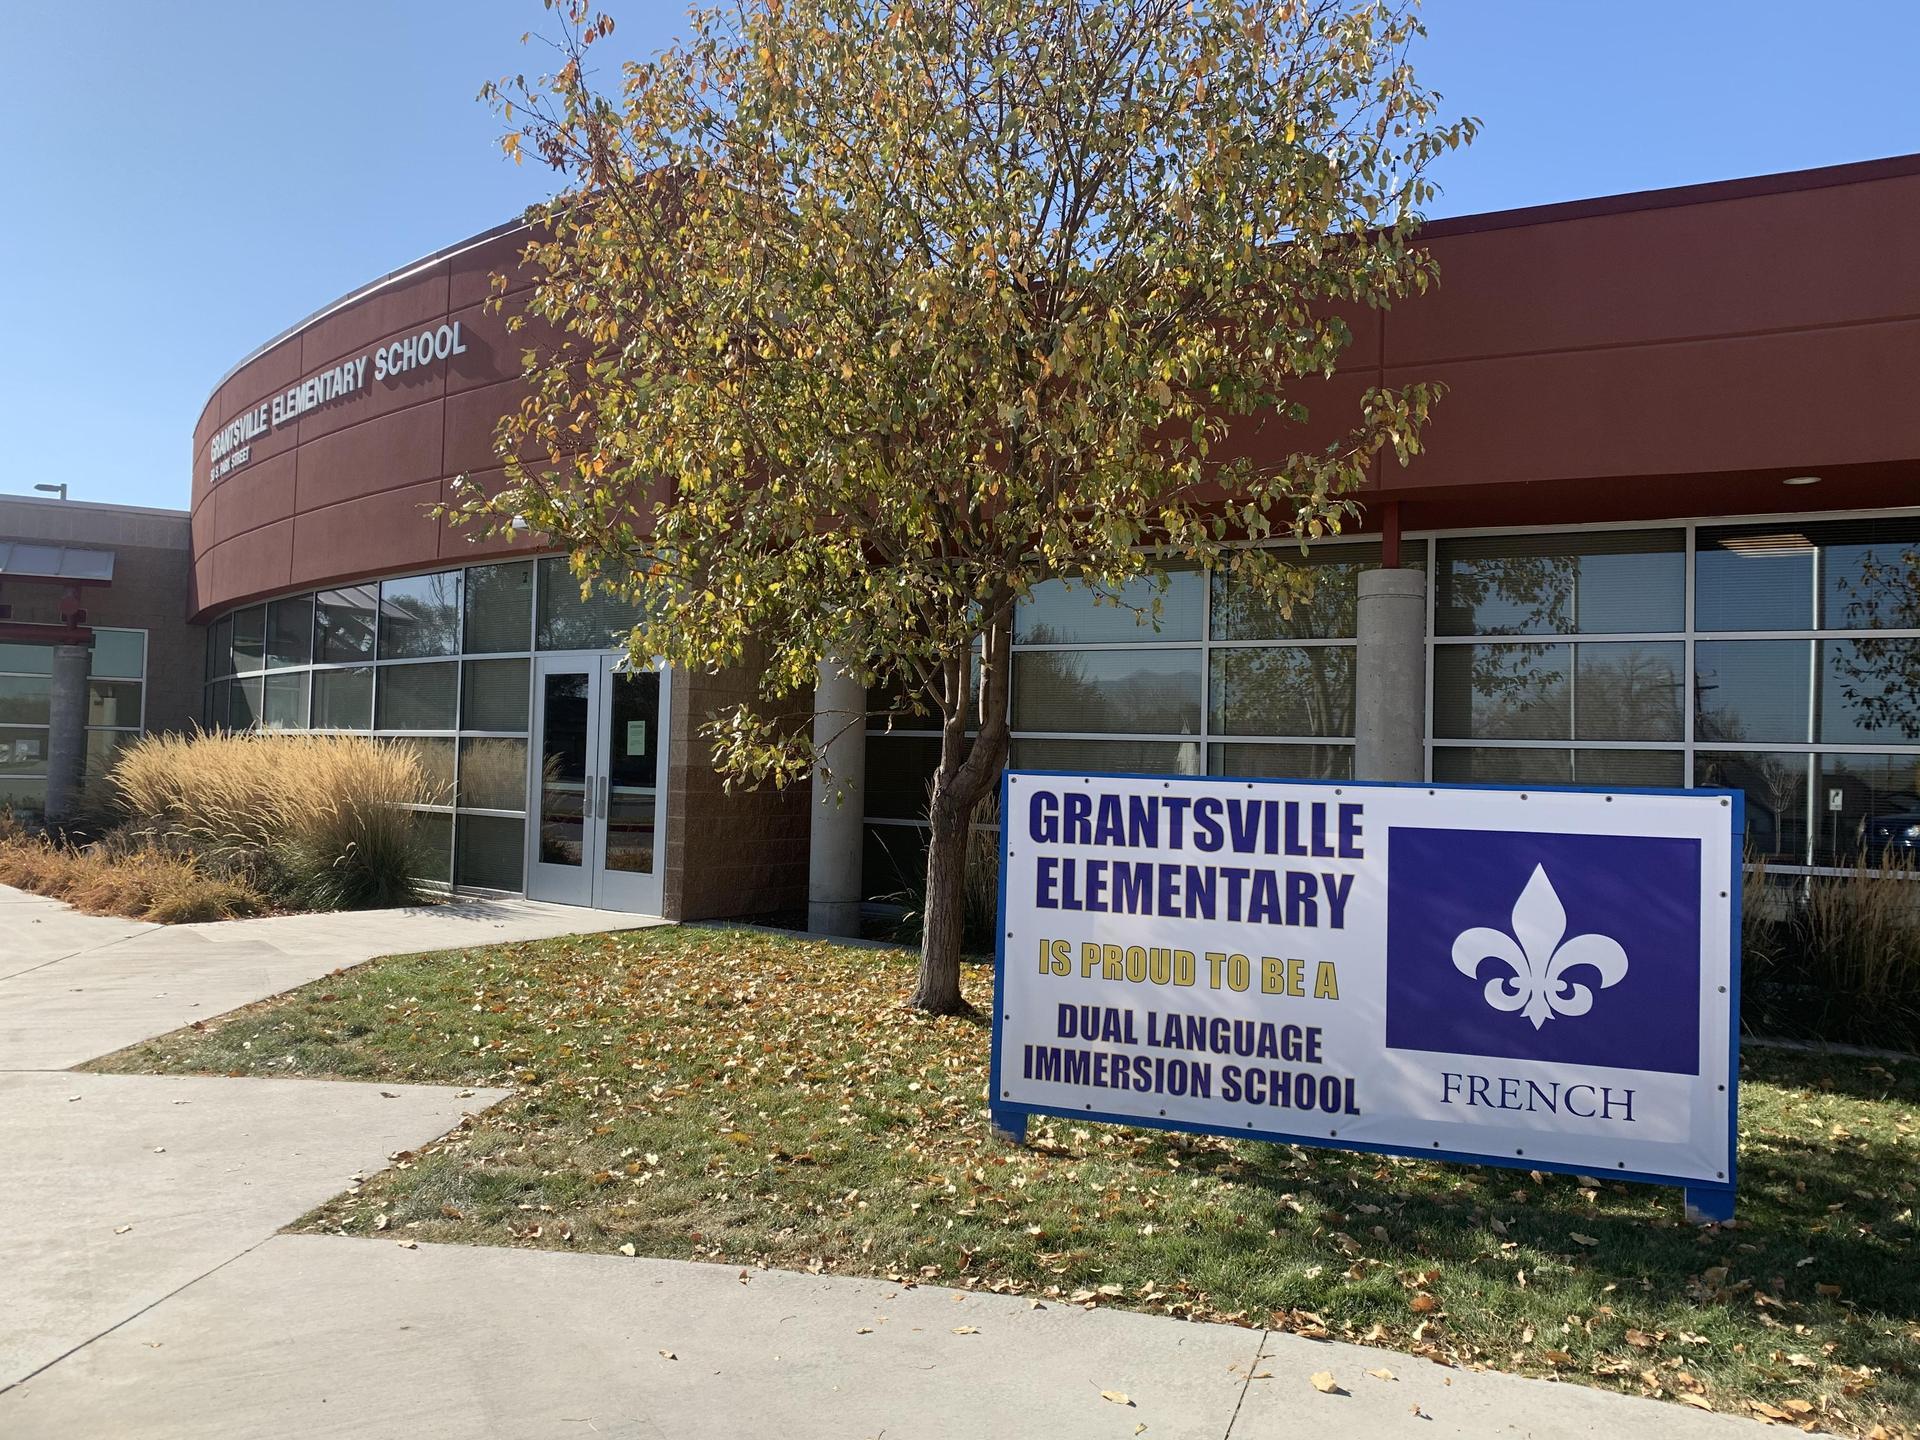 Grantsville Elementary French